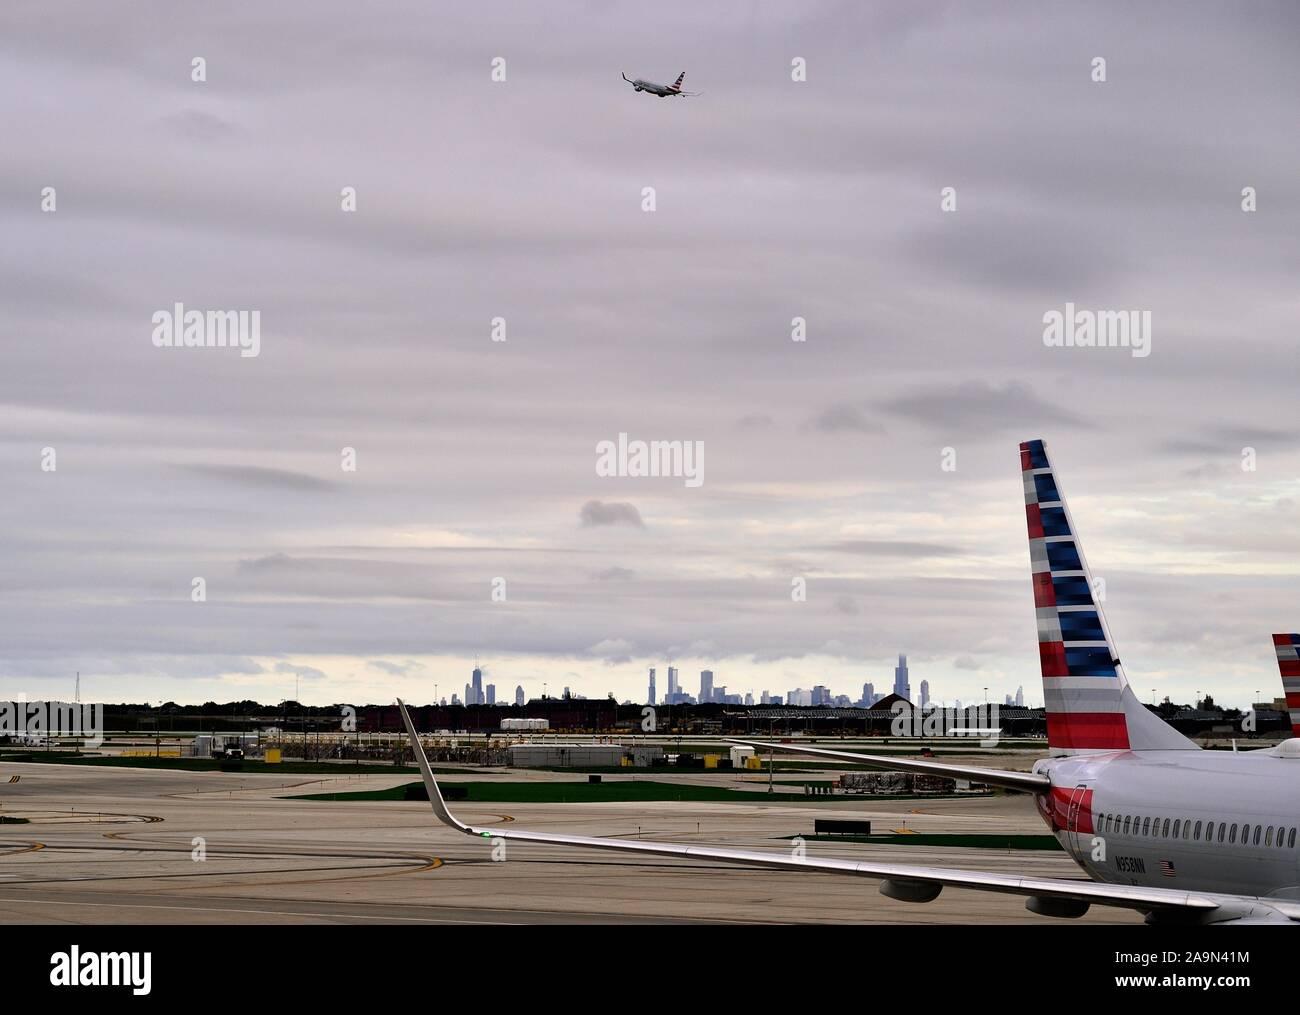 Chicago, Illinois, Estados Unidos. Un avión despegó del Aeropuerto Internacional O'Hare de Chicago con el perfil de la ciudad de fondo. Foto de stock